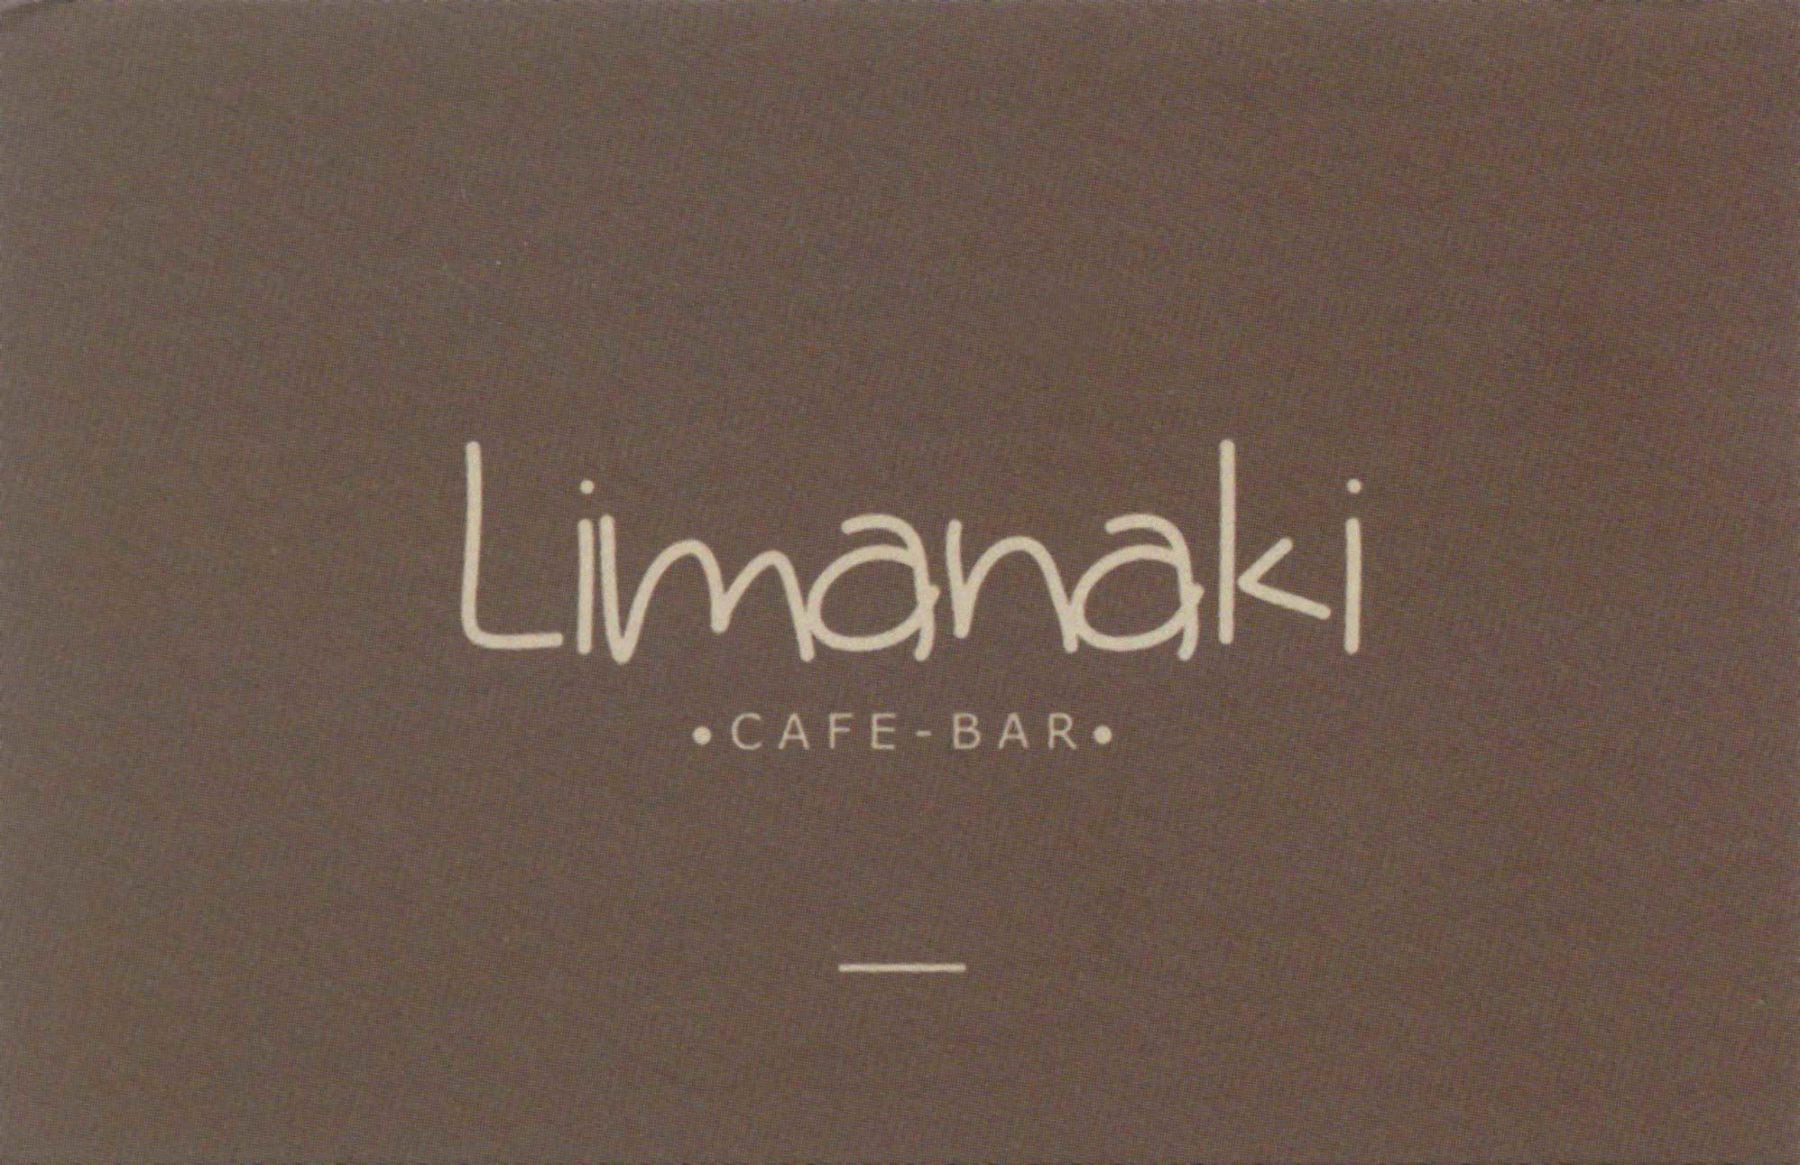 Limanaki café bar